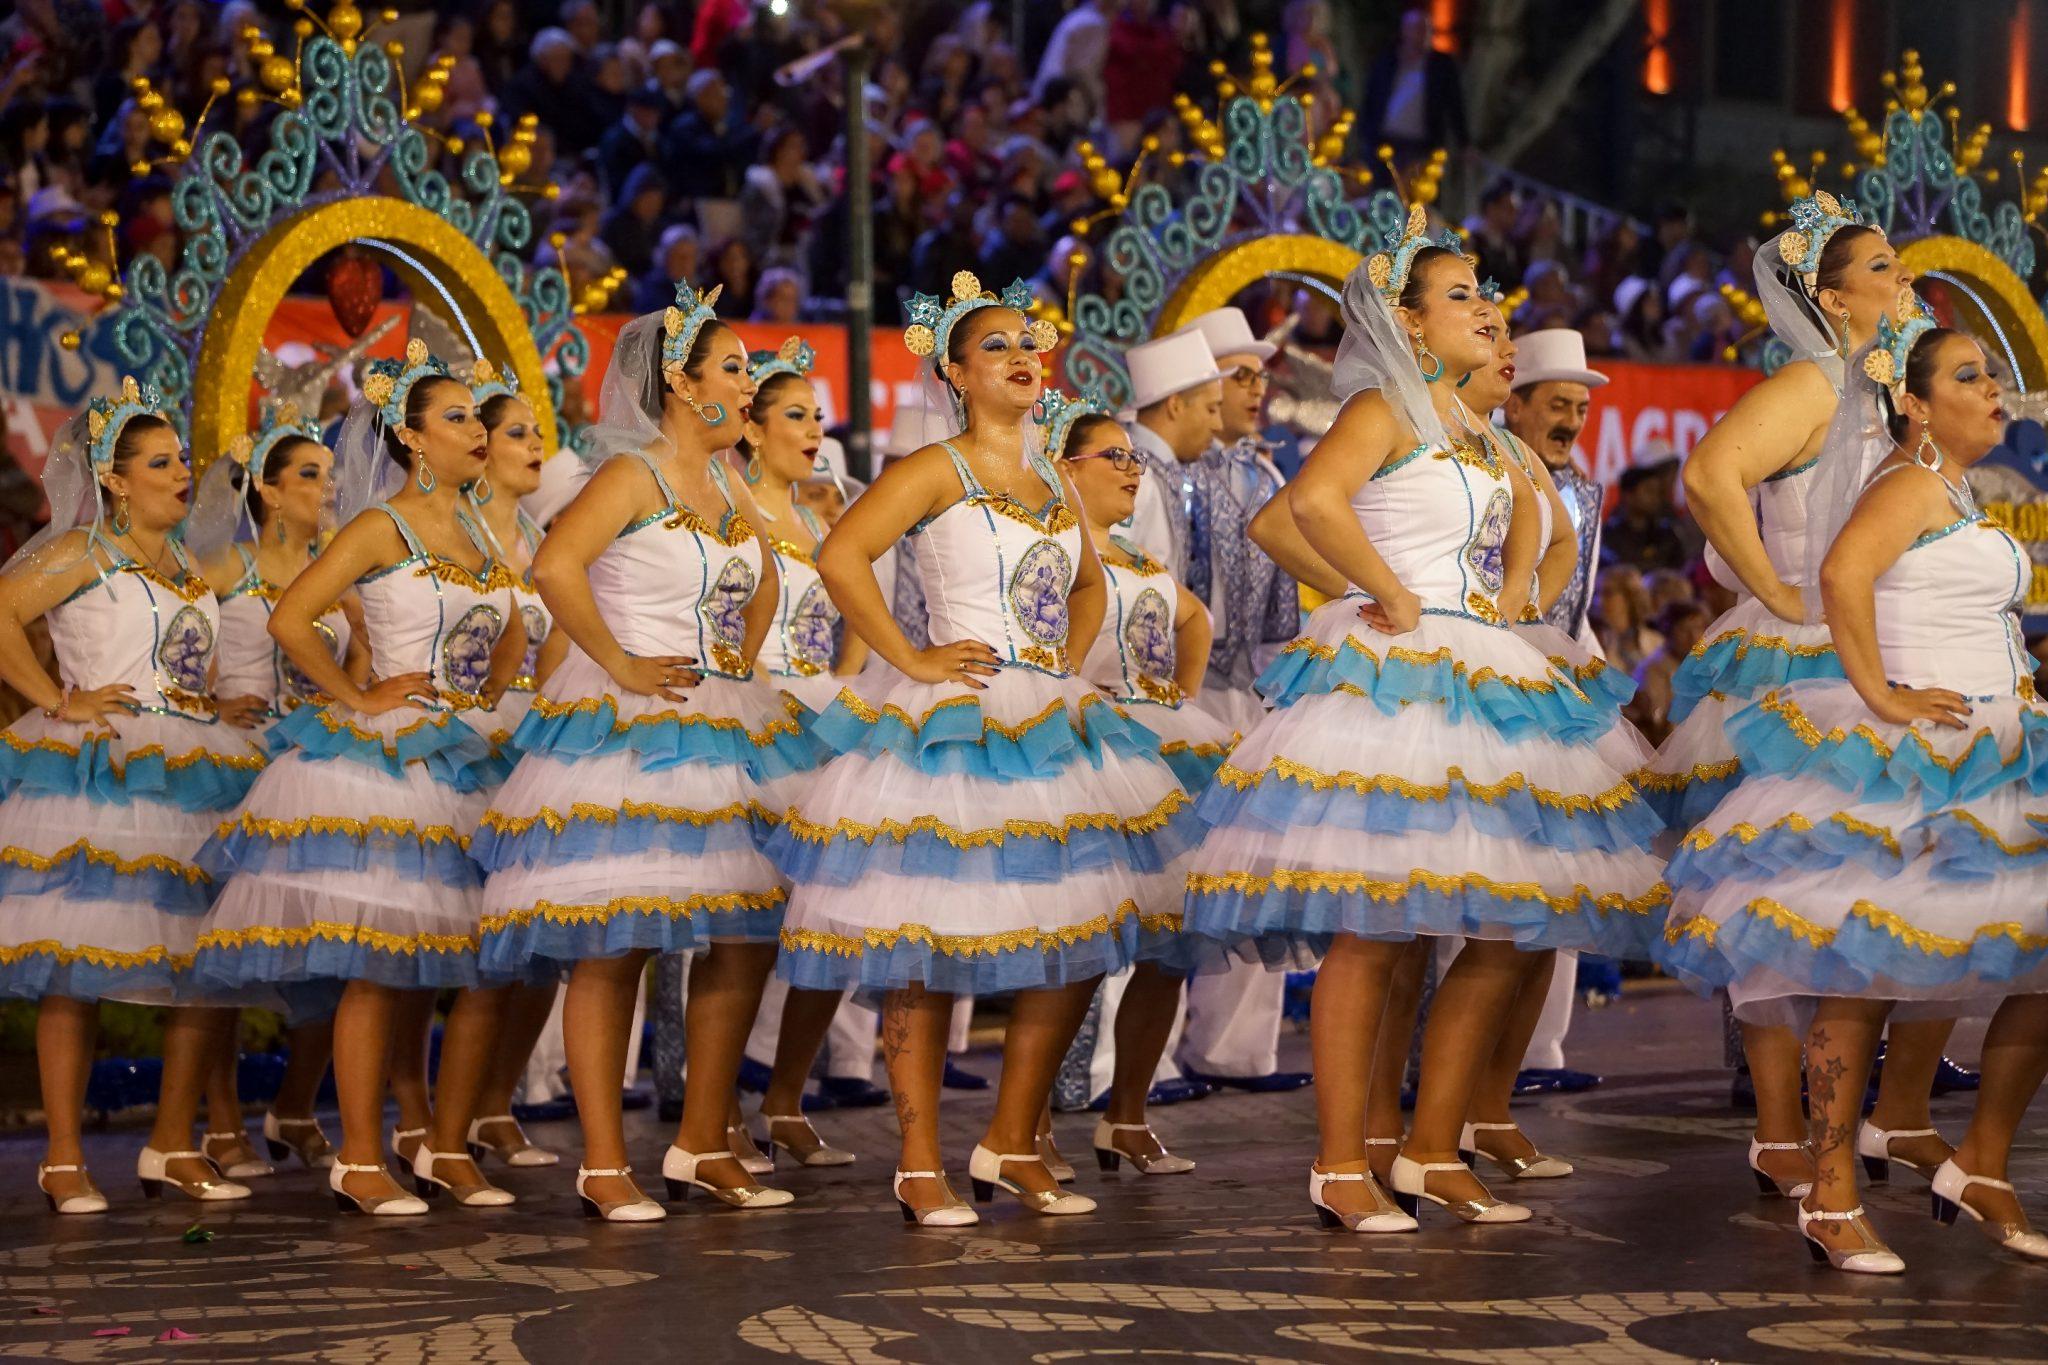 De lado para o observador, uma fila de mulheres vestidas com roupa branca e azul marcha na Avenida da Liberdade. Em segundo plano há uma fila de homens e ainda os arcos em tons de dourado e azul.